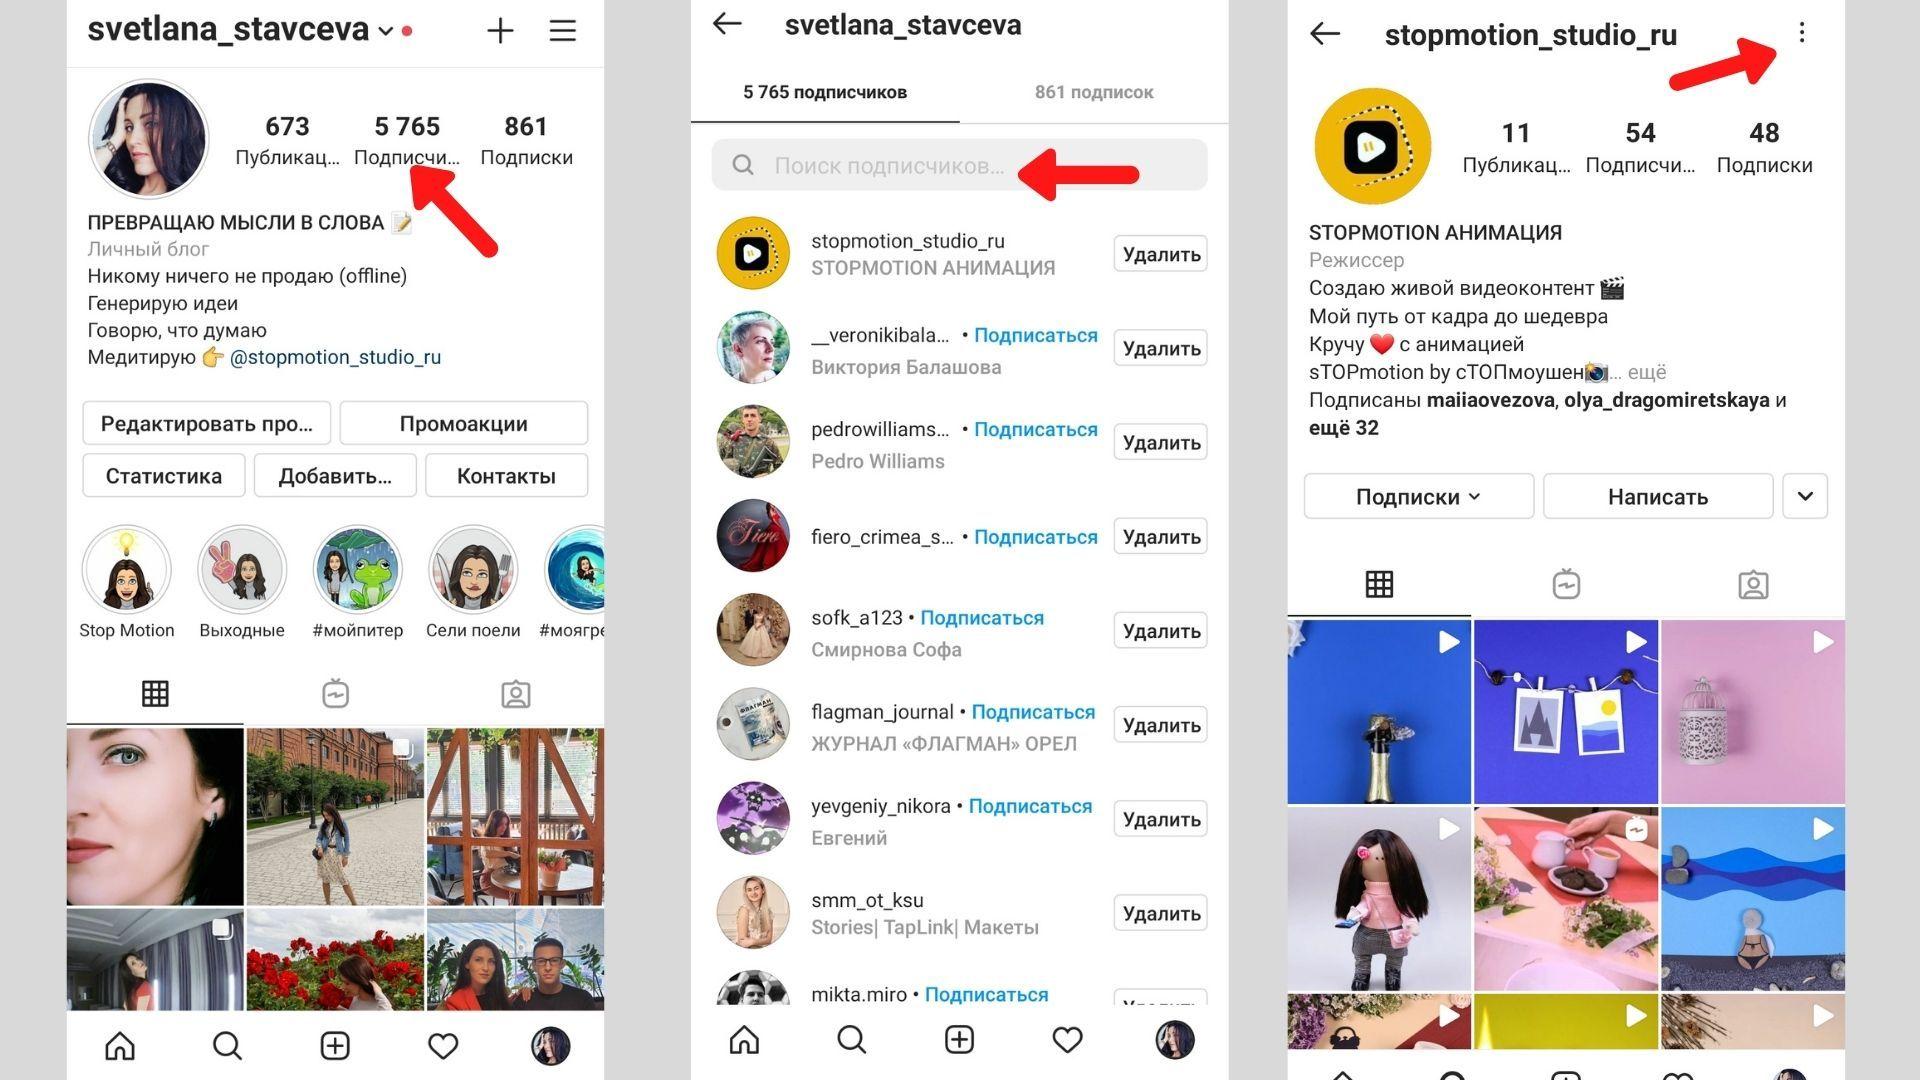 Как найти профиль для блокировки в Инстаграме